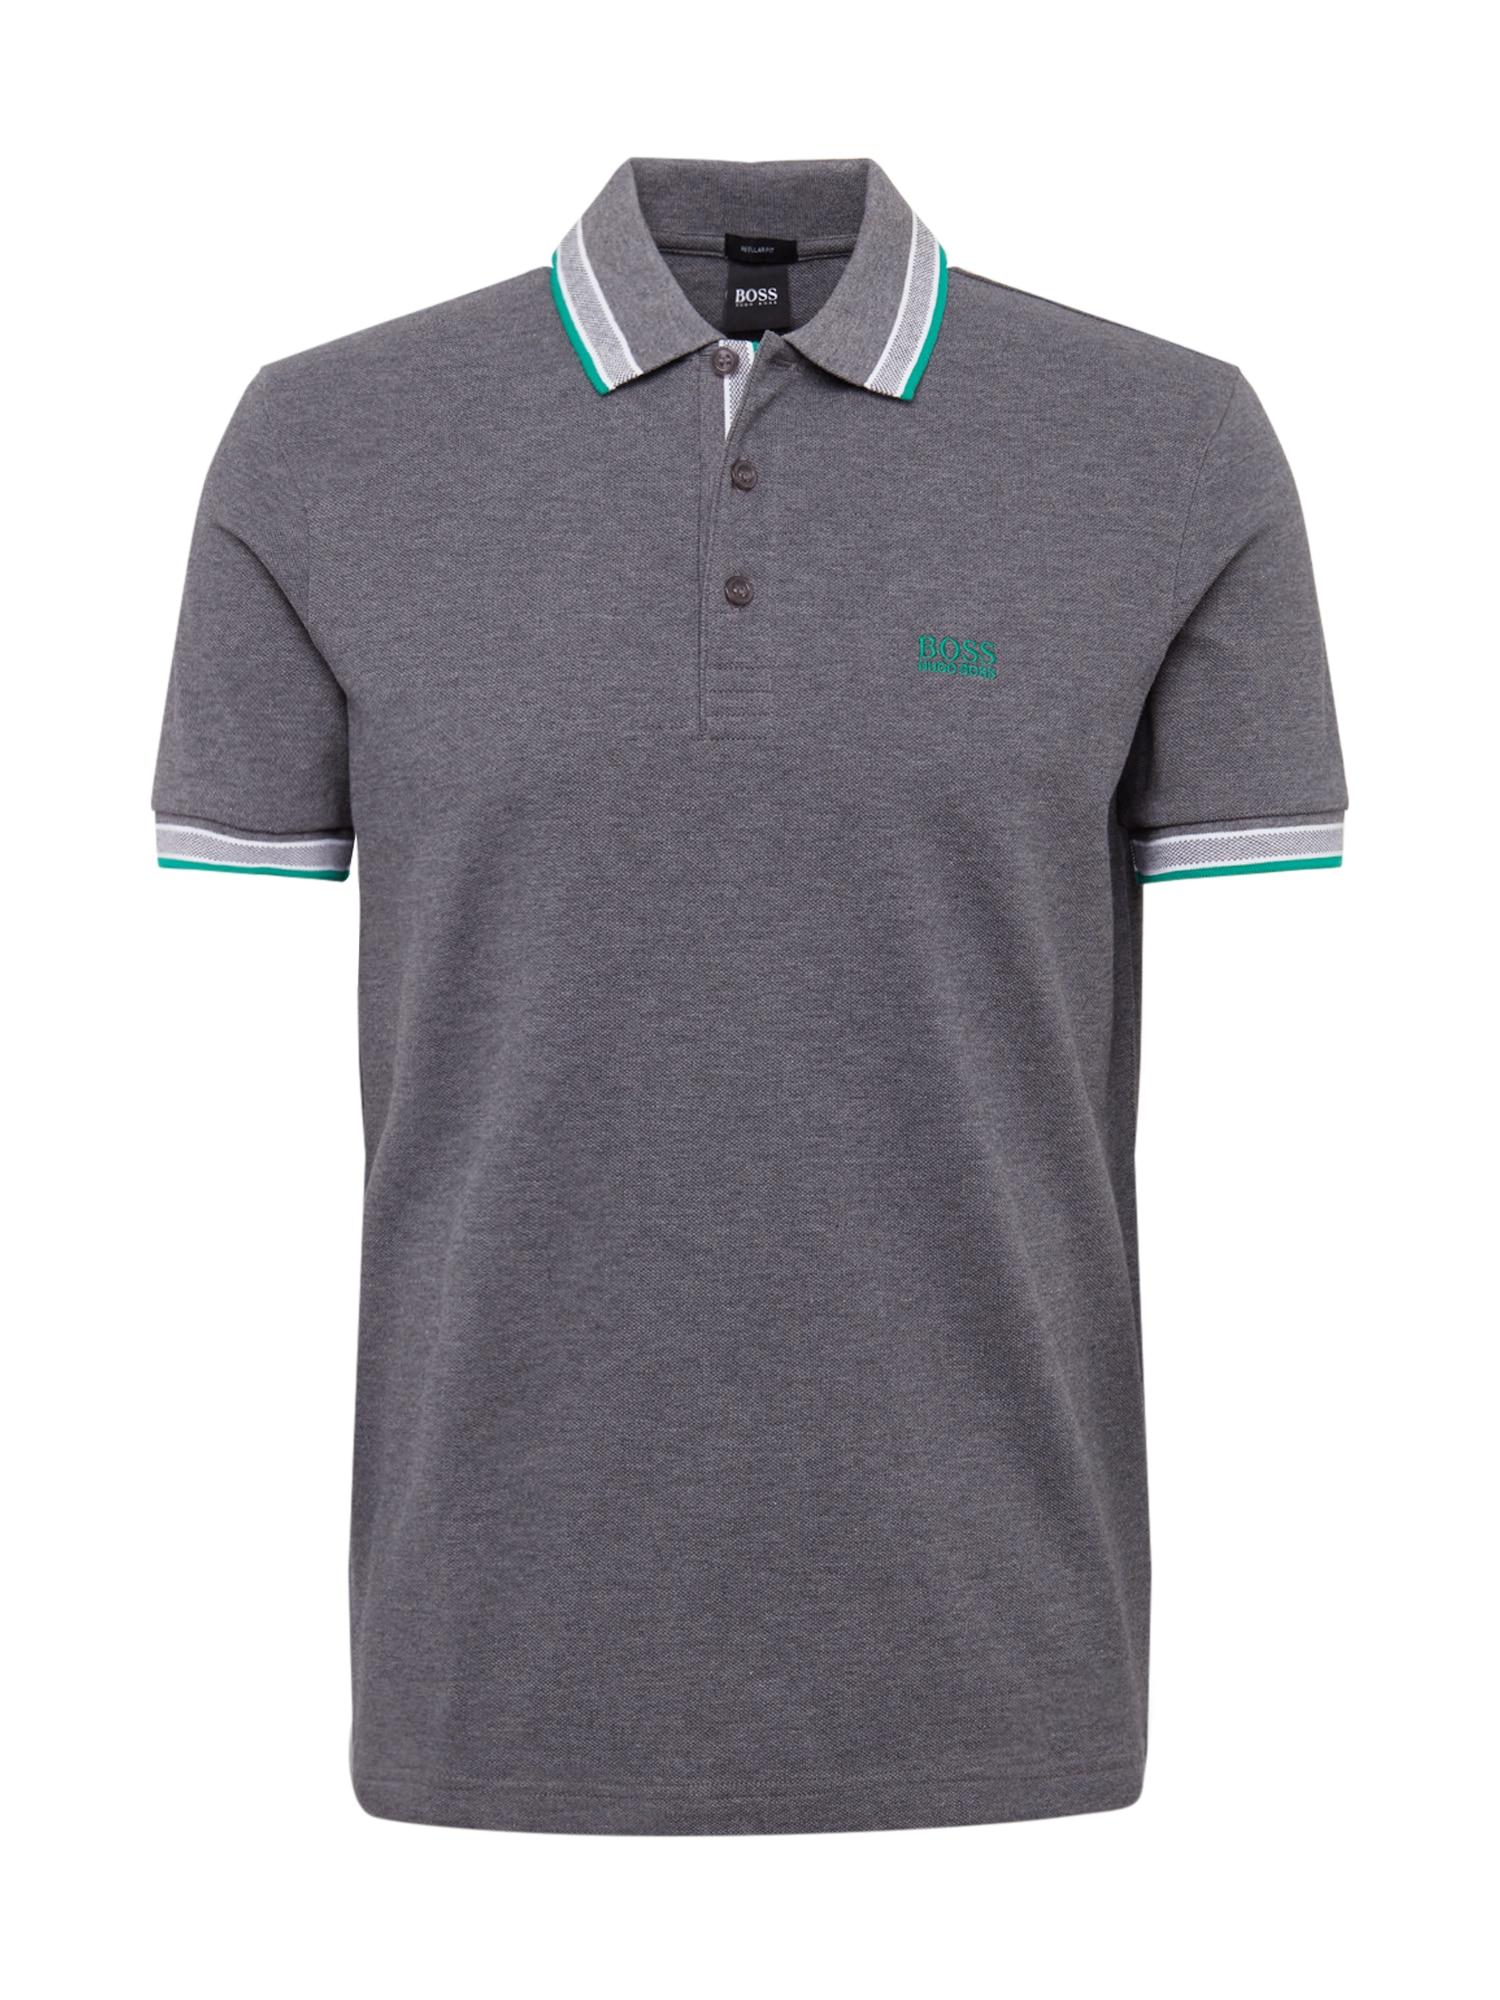 BOSS ATHLEISURE Marškinėliai 'Paddy' pilka